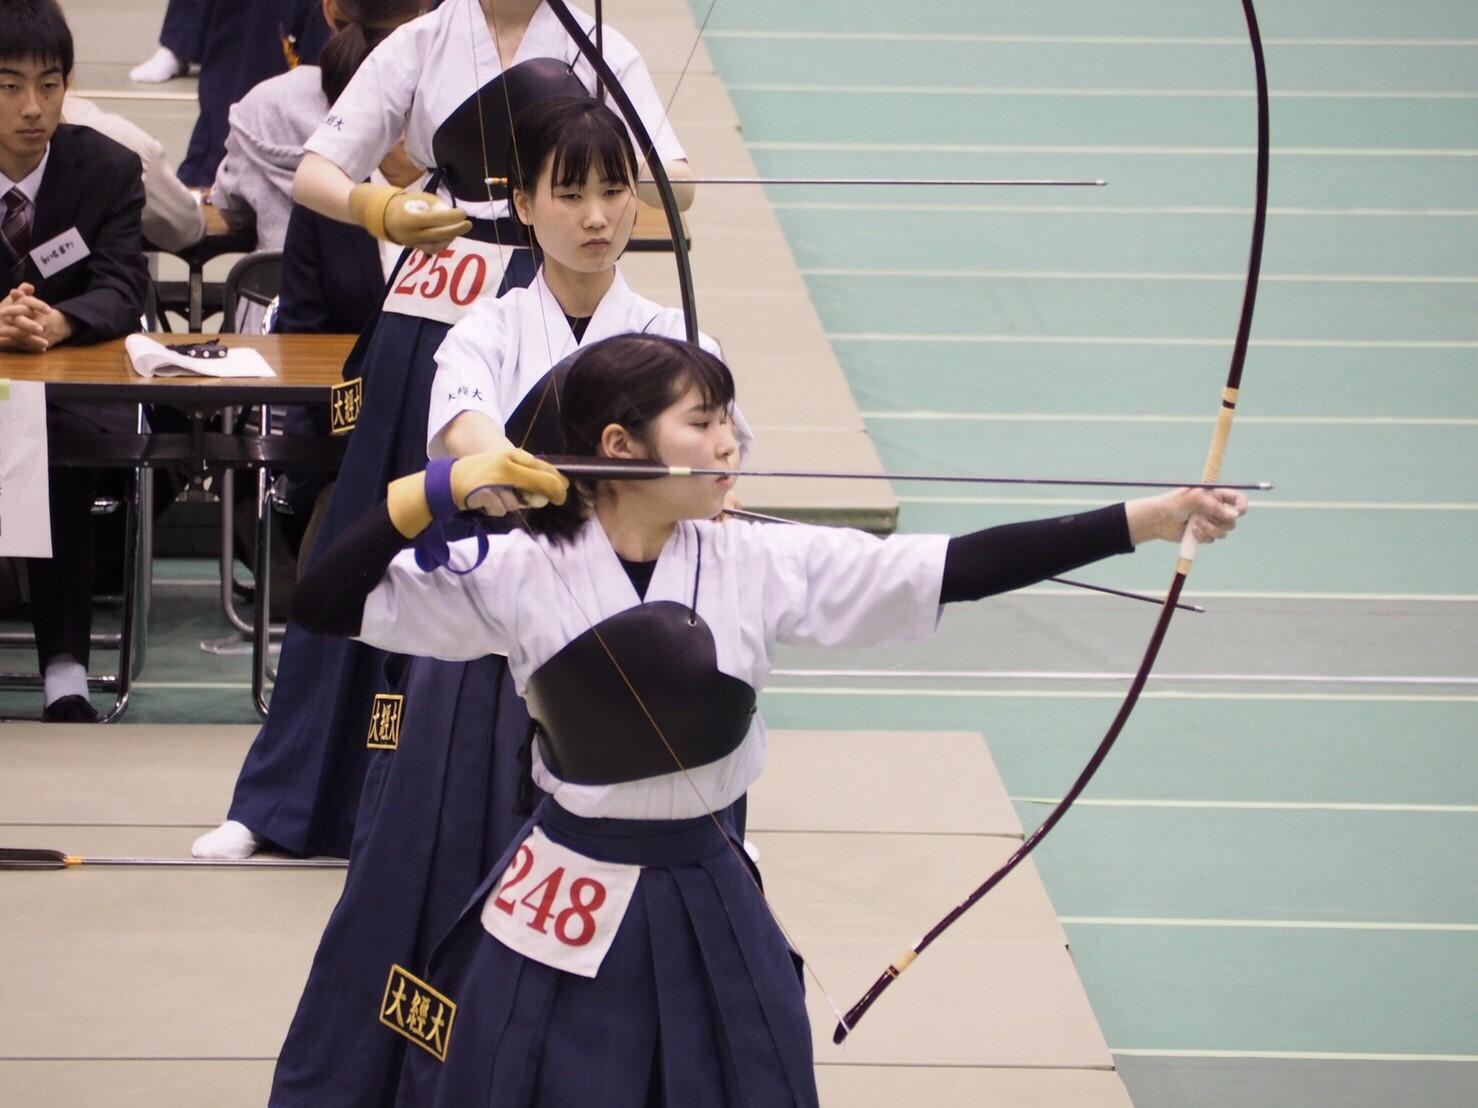 http://blog.osaka-ue.ac.jp/sports/2020/03/190527_3.jpg